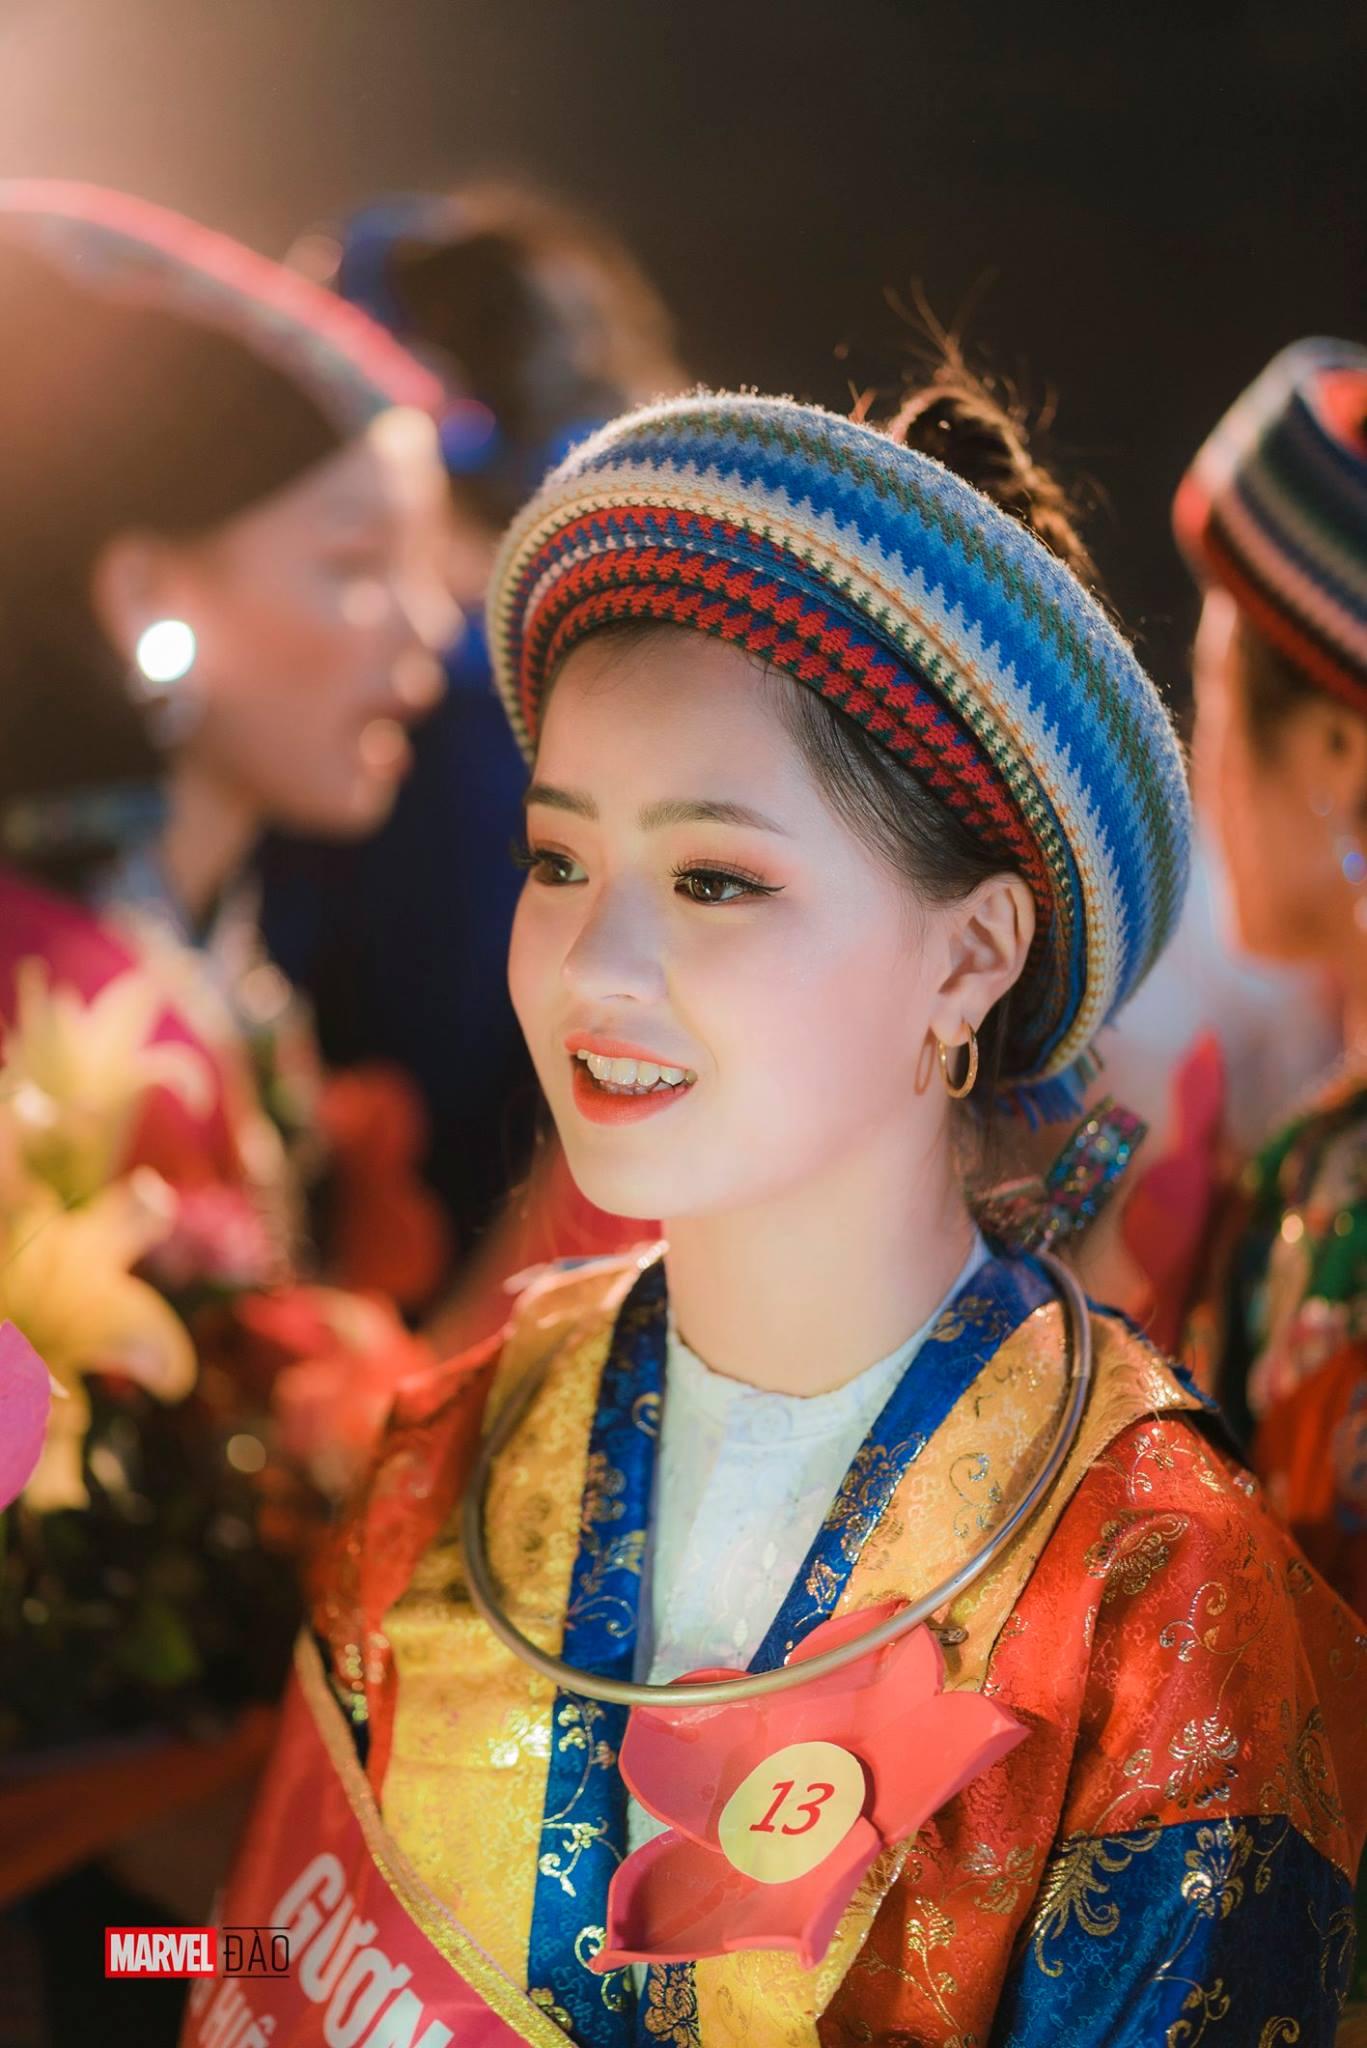 """Vẻ đẹp trong sáng của """"cô bé bán lê"""", có chiếc răng khểnh đáng yêu tại cao nguyên đá Hà Giang - Ảnh 7."""